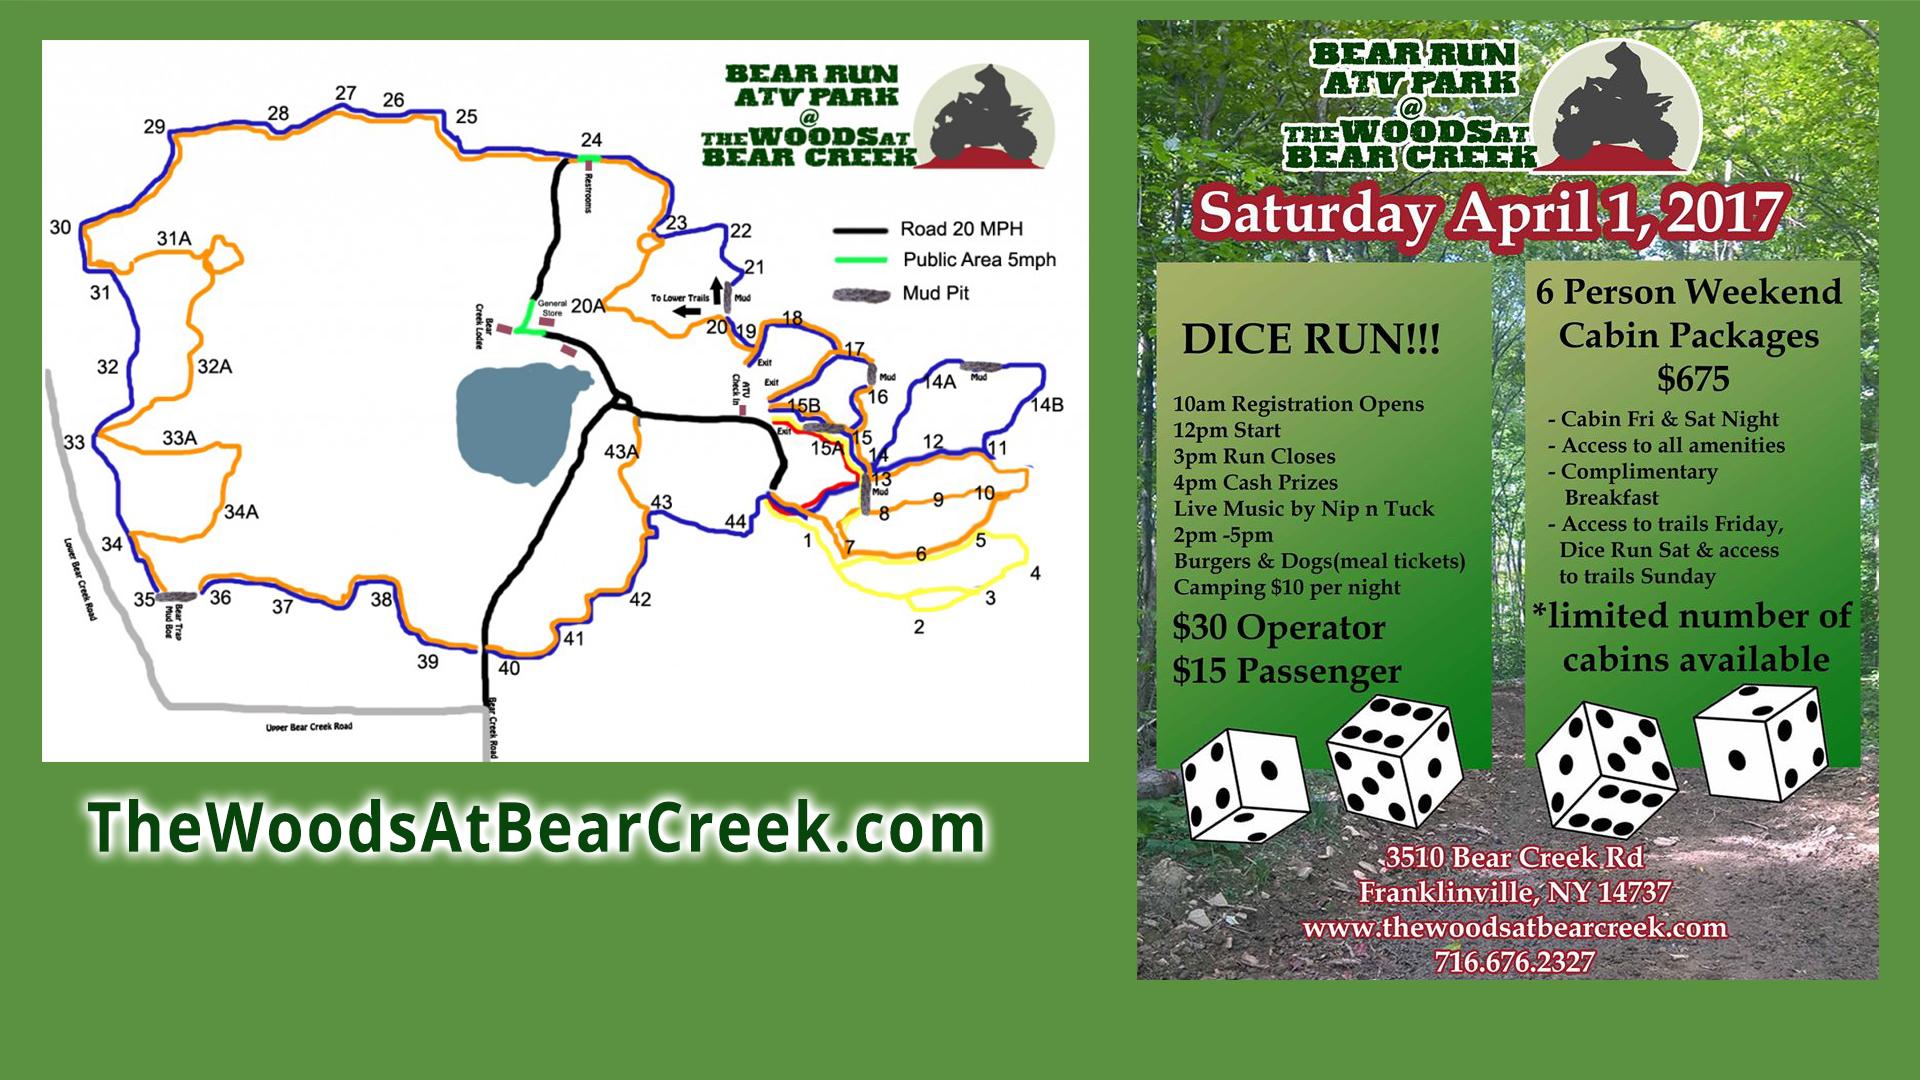 ATV Dice Run at The Woods at Bear Creek